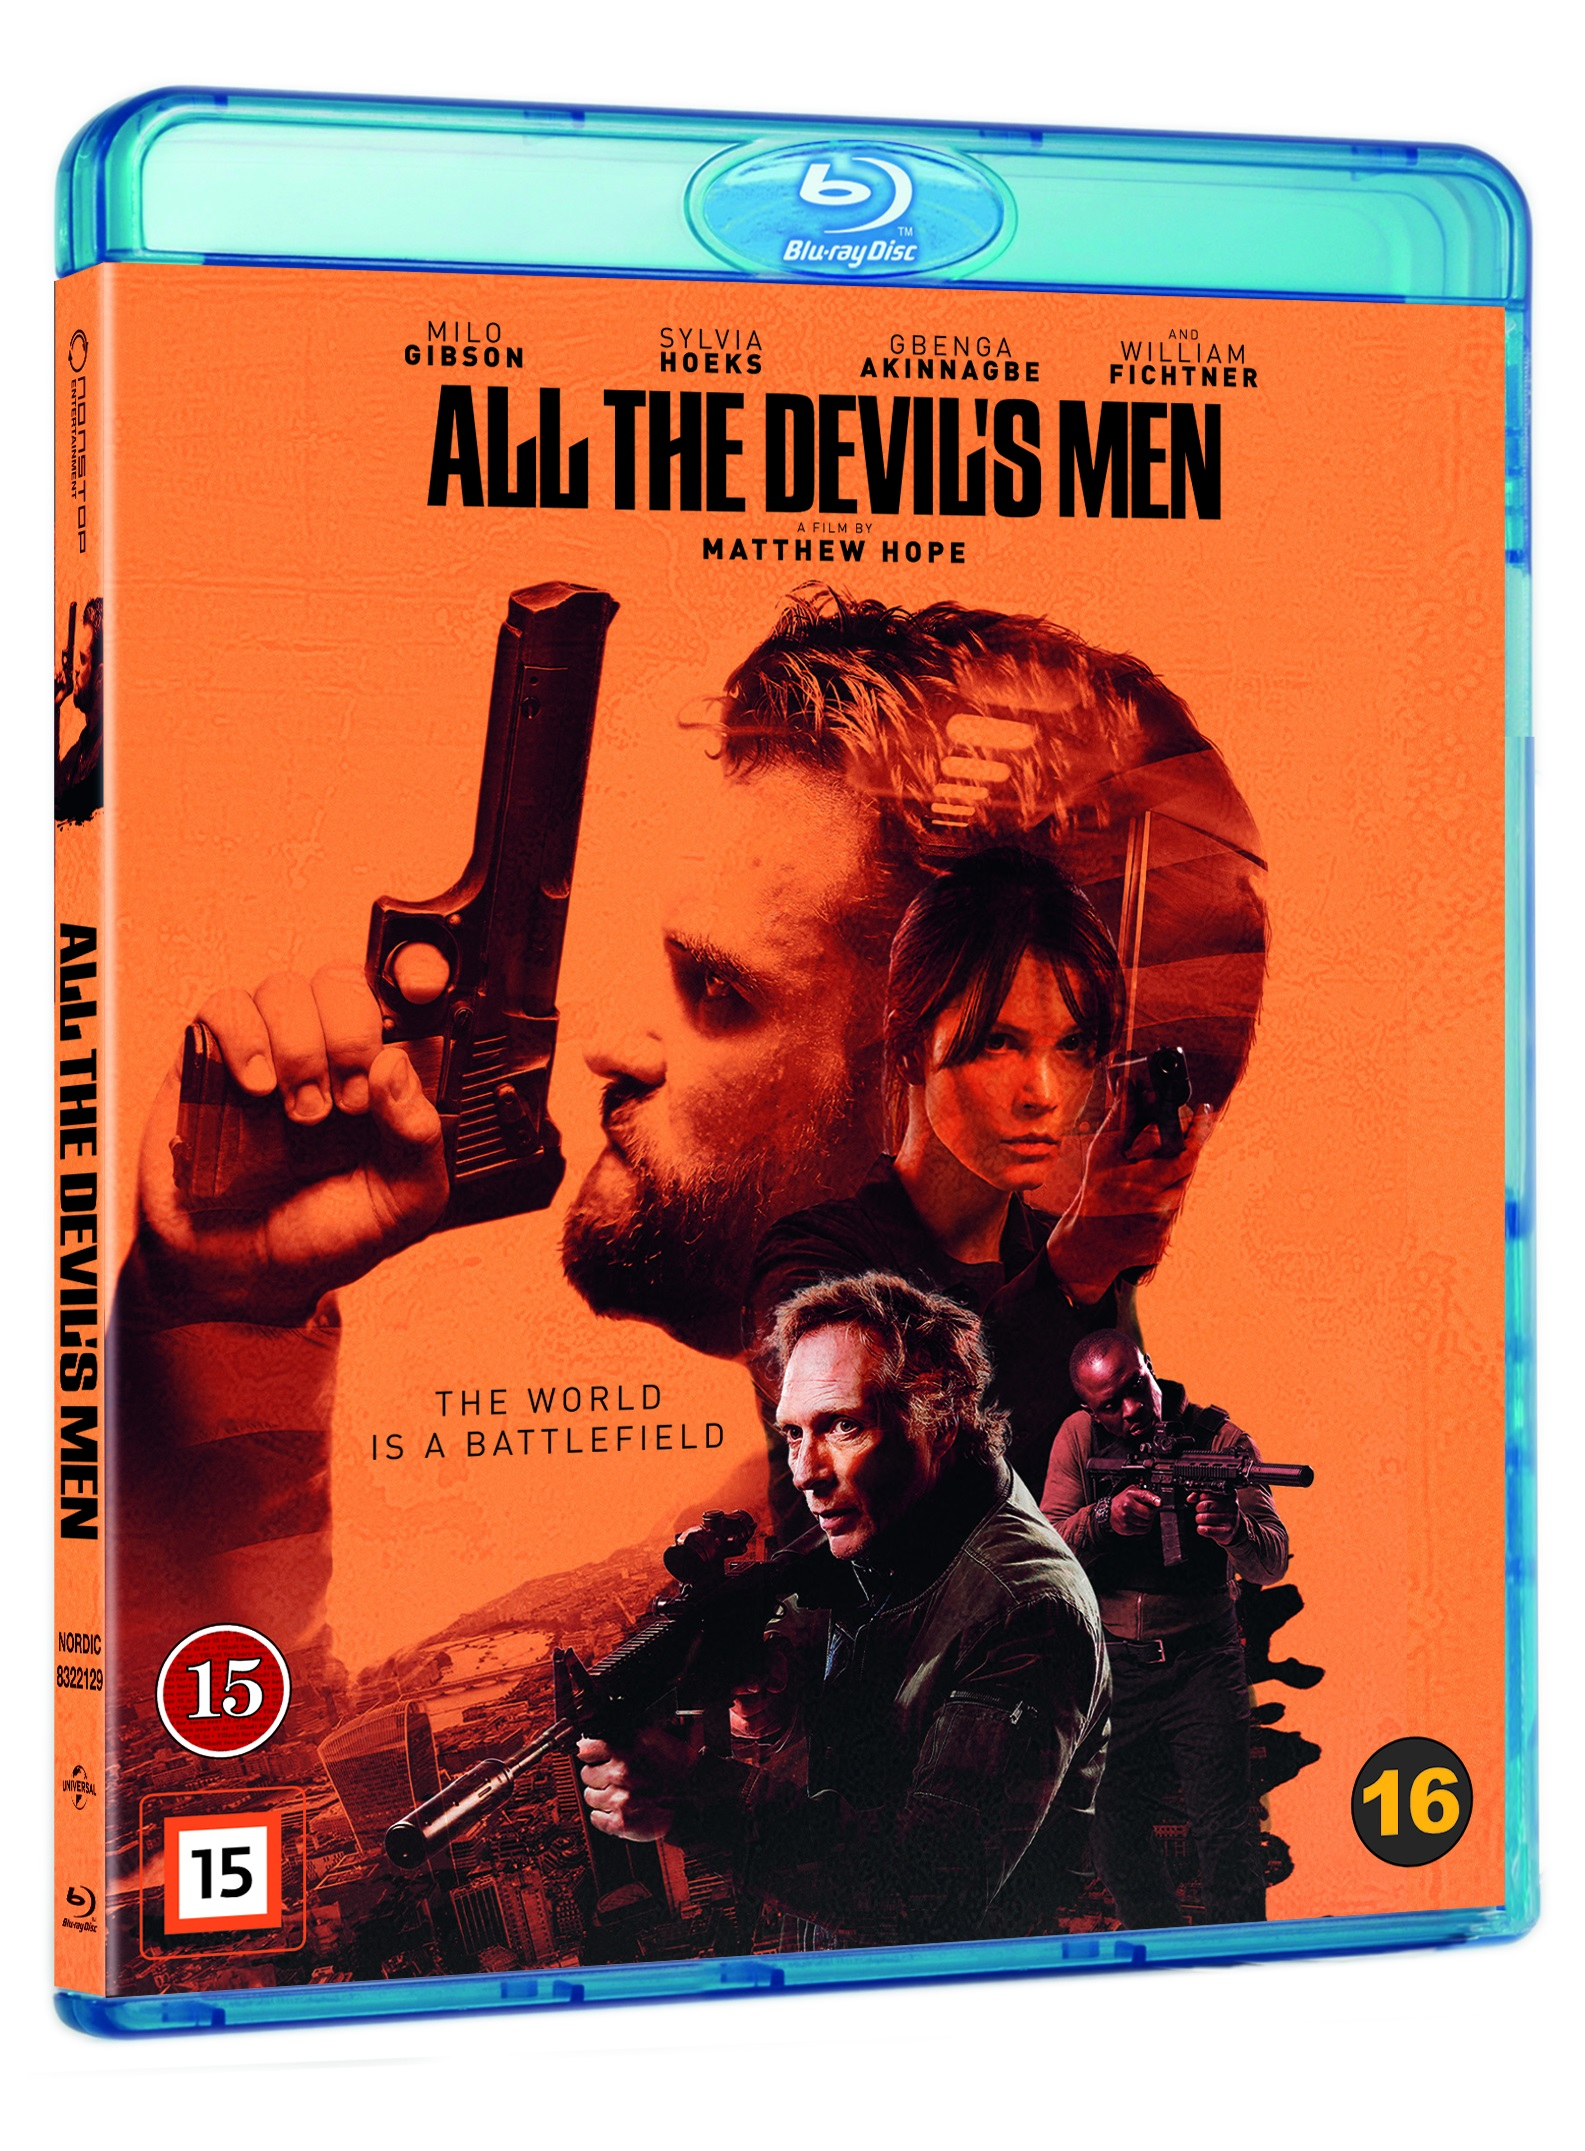 All the Devil's men -  - Film -  - 5053083221294 - 12/10-2020